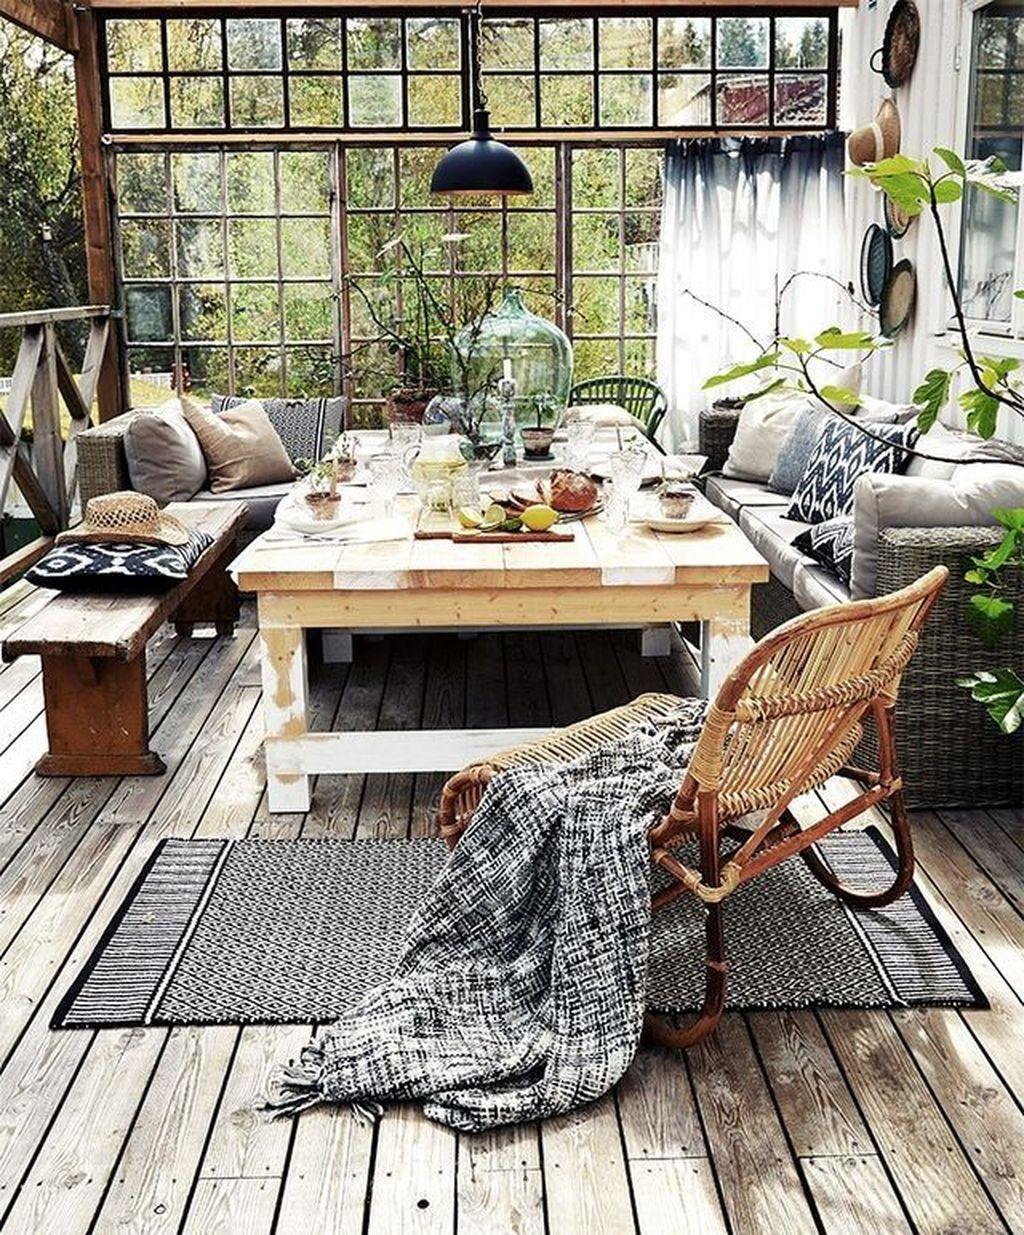 decoração de inverno com cadeira revestida com manta